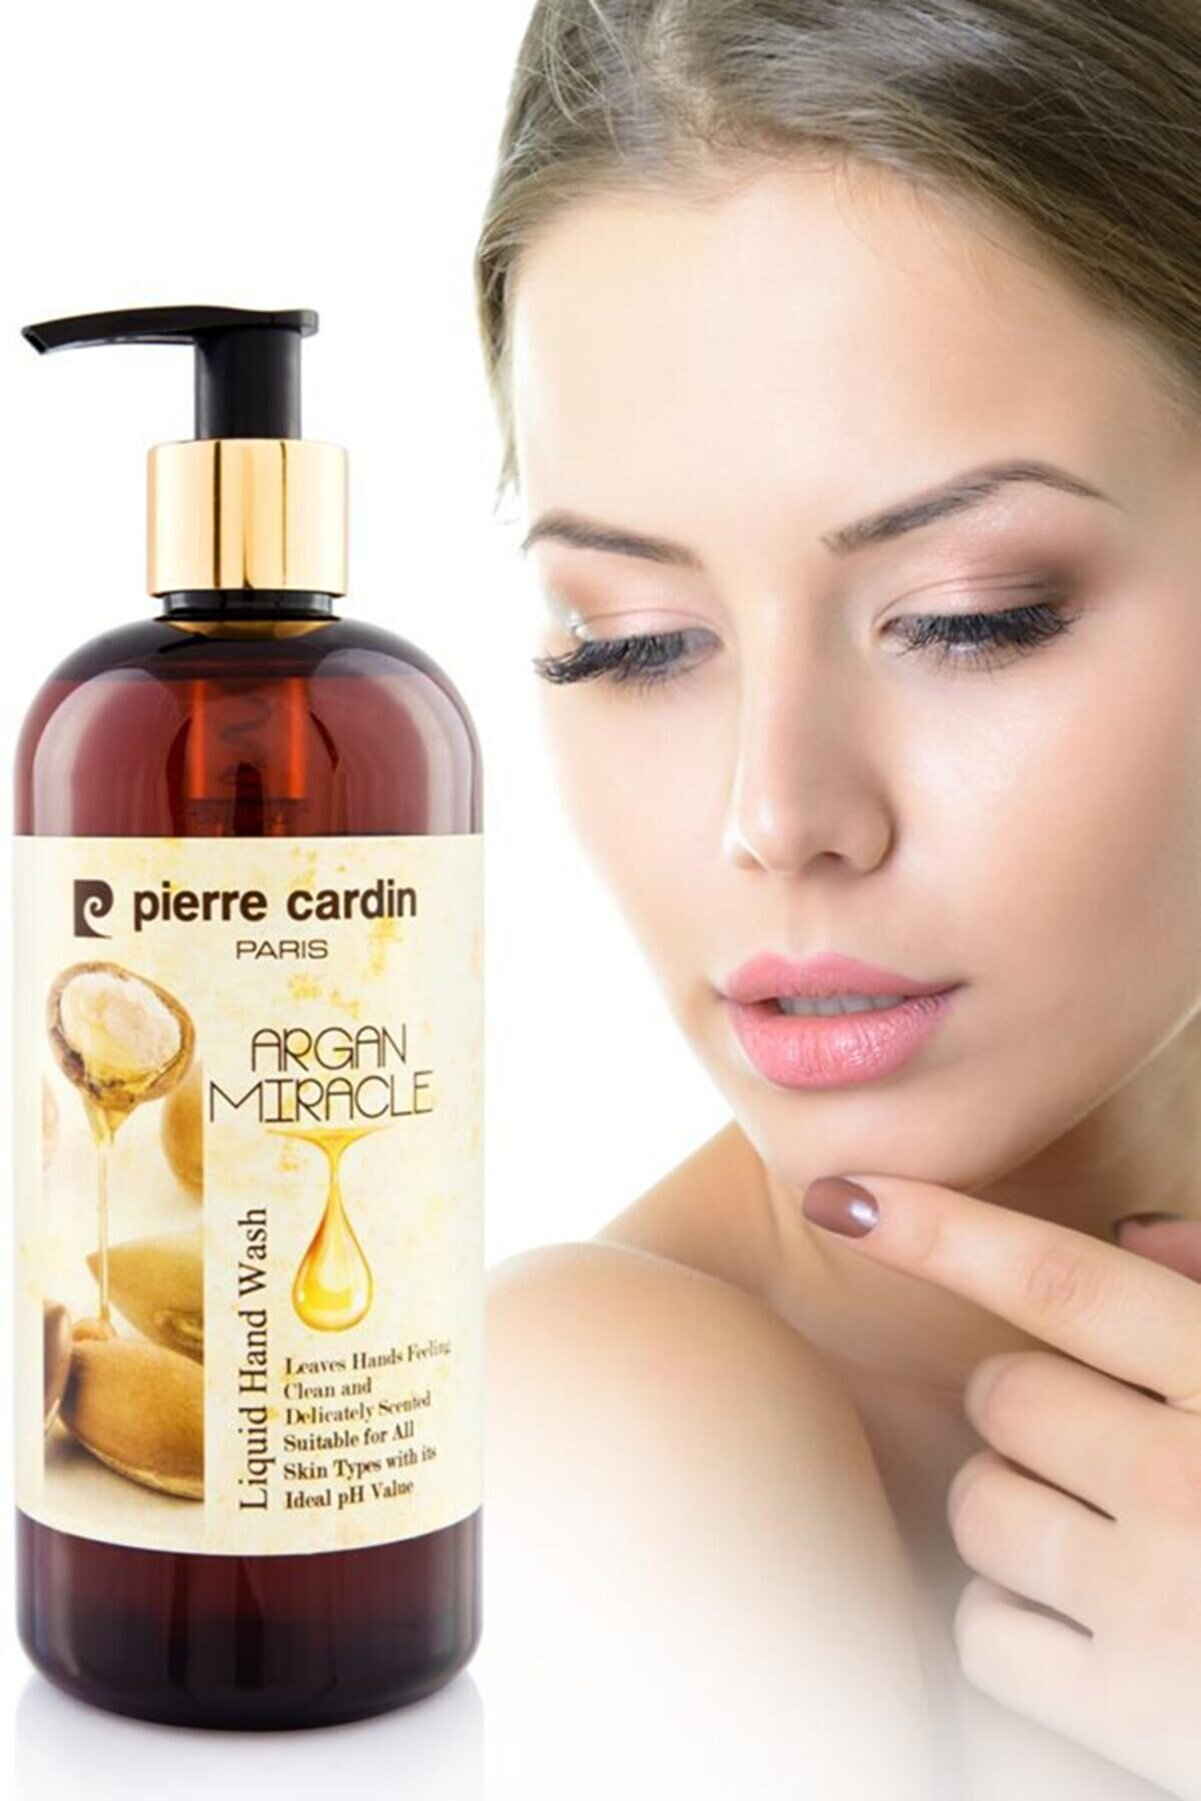 Pierre Cardin Argan Yağı Özlü E Vitaminli Nemlendirici Sıvı El Sabunu - 400 Ml